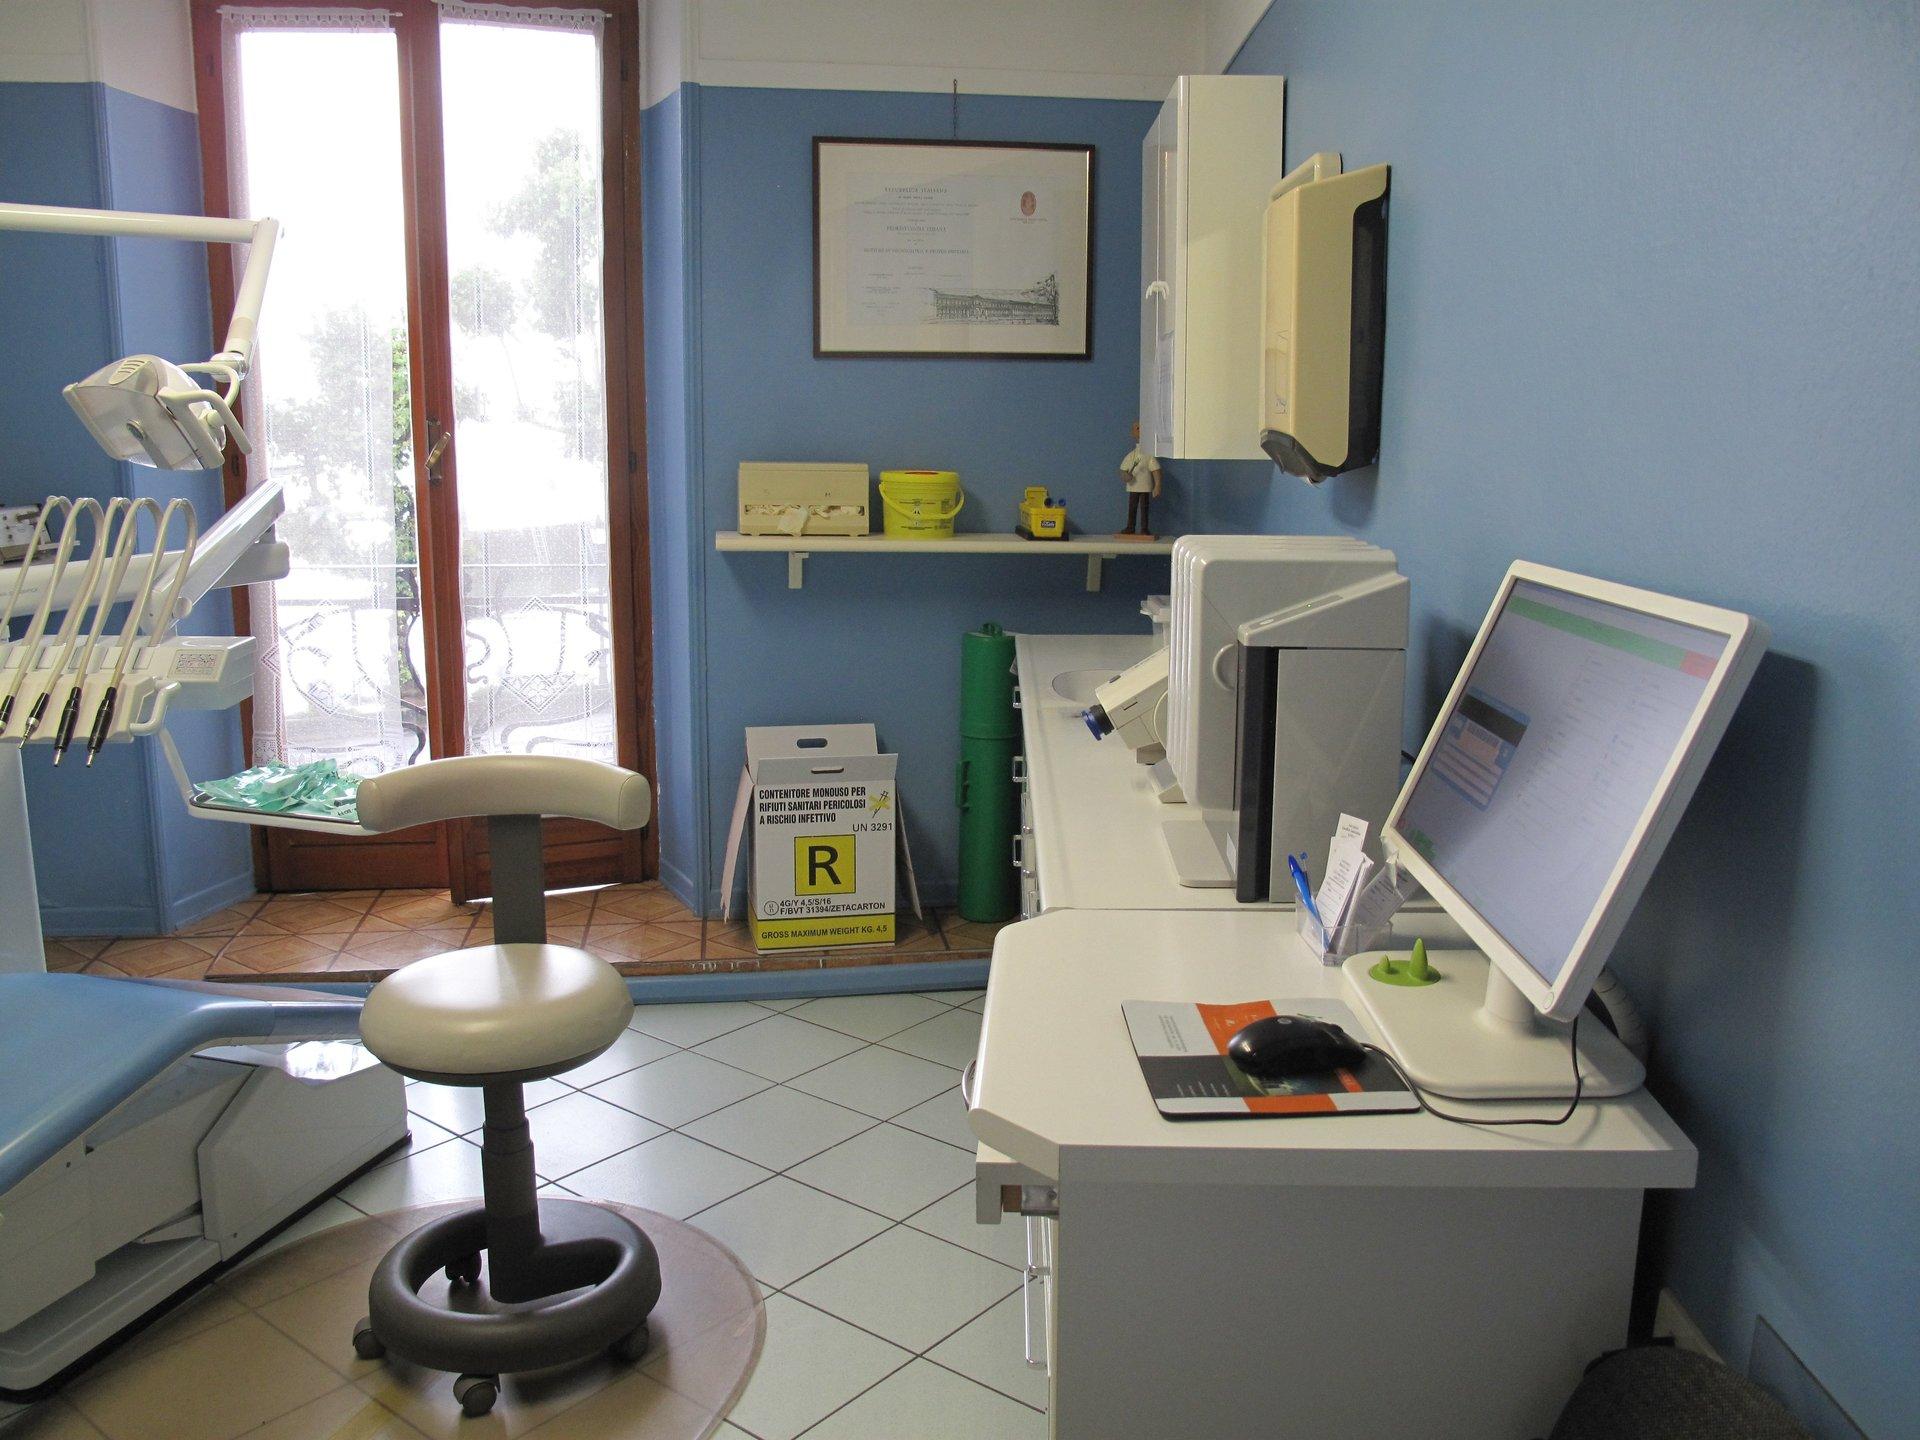 sala con macchinari dentistici